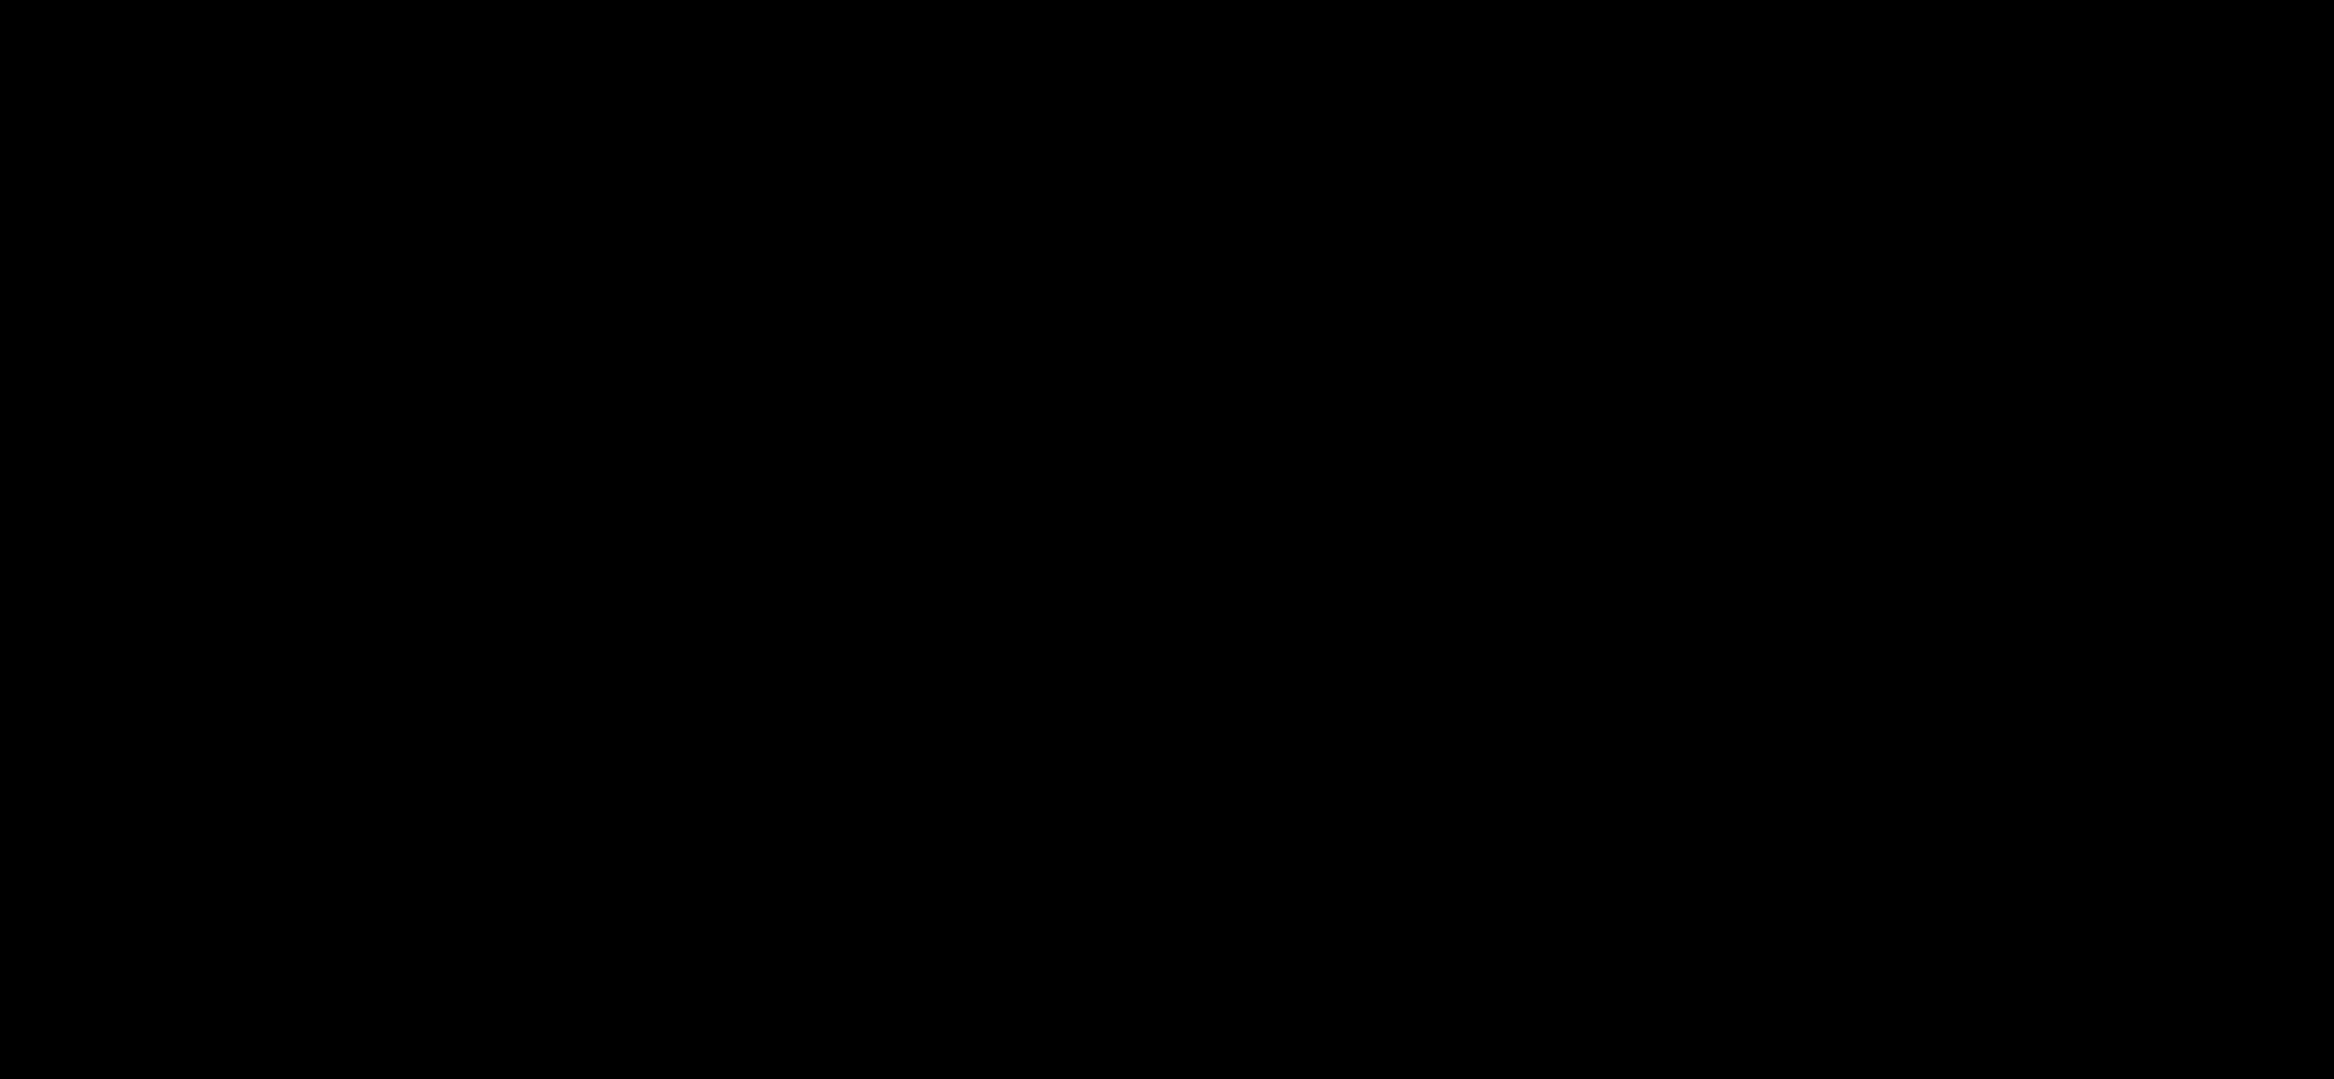 capitol-records-logo-png-transparent.png